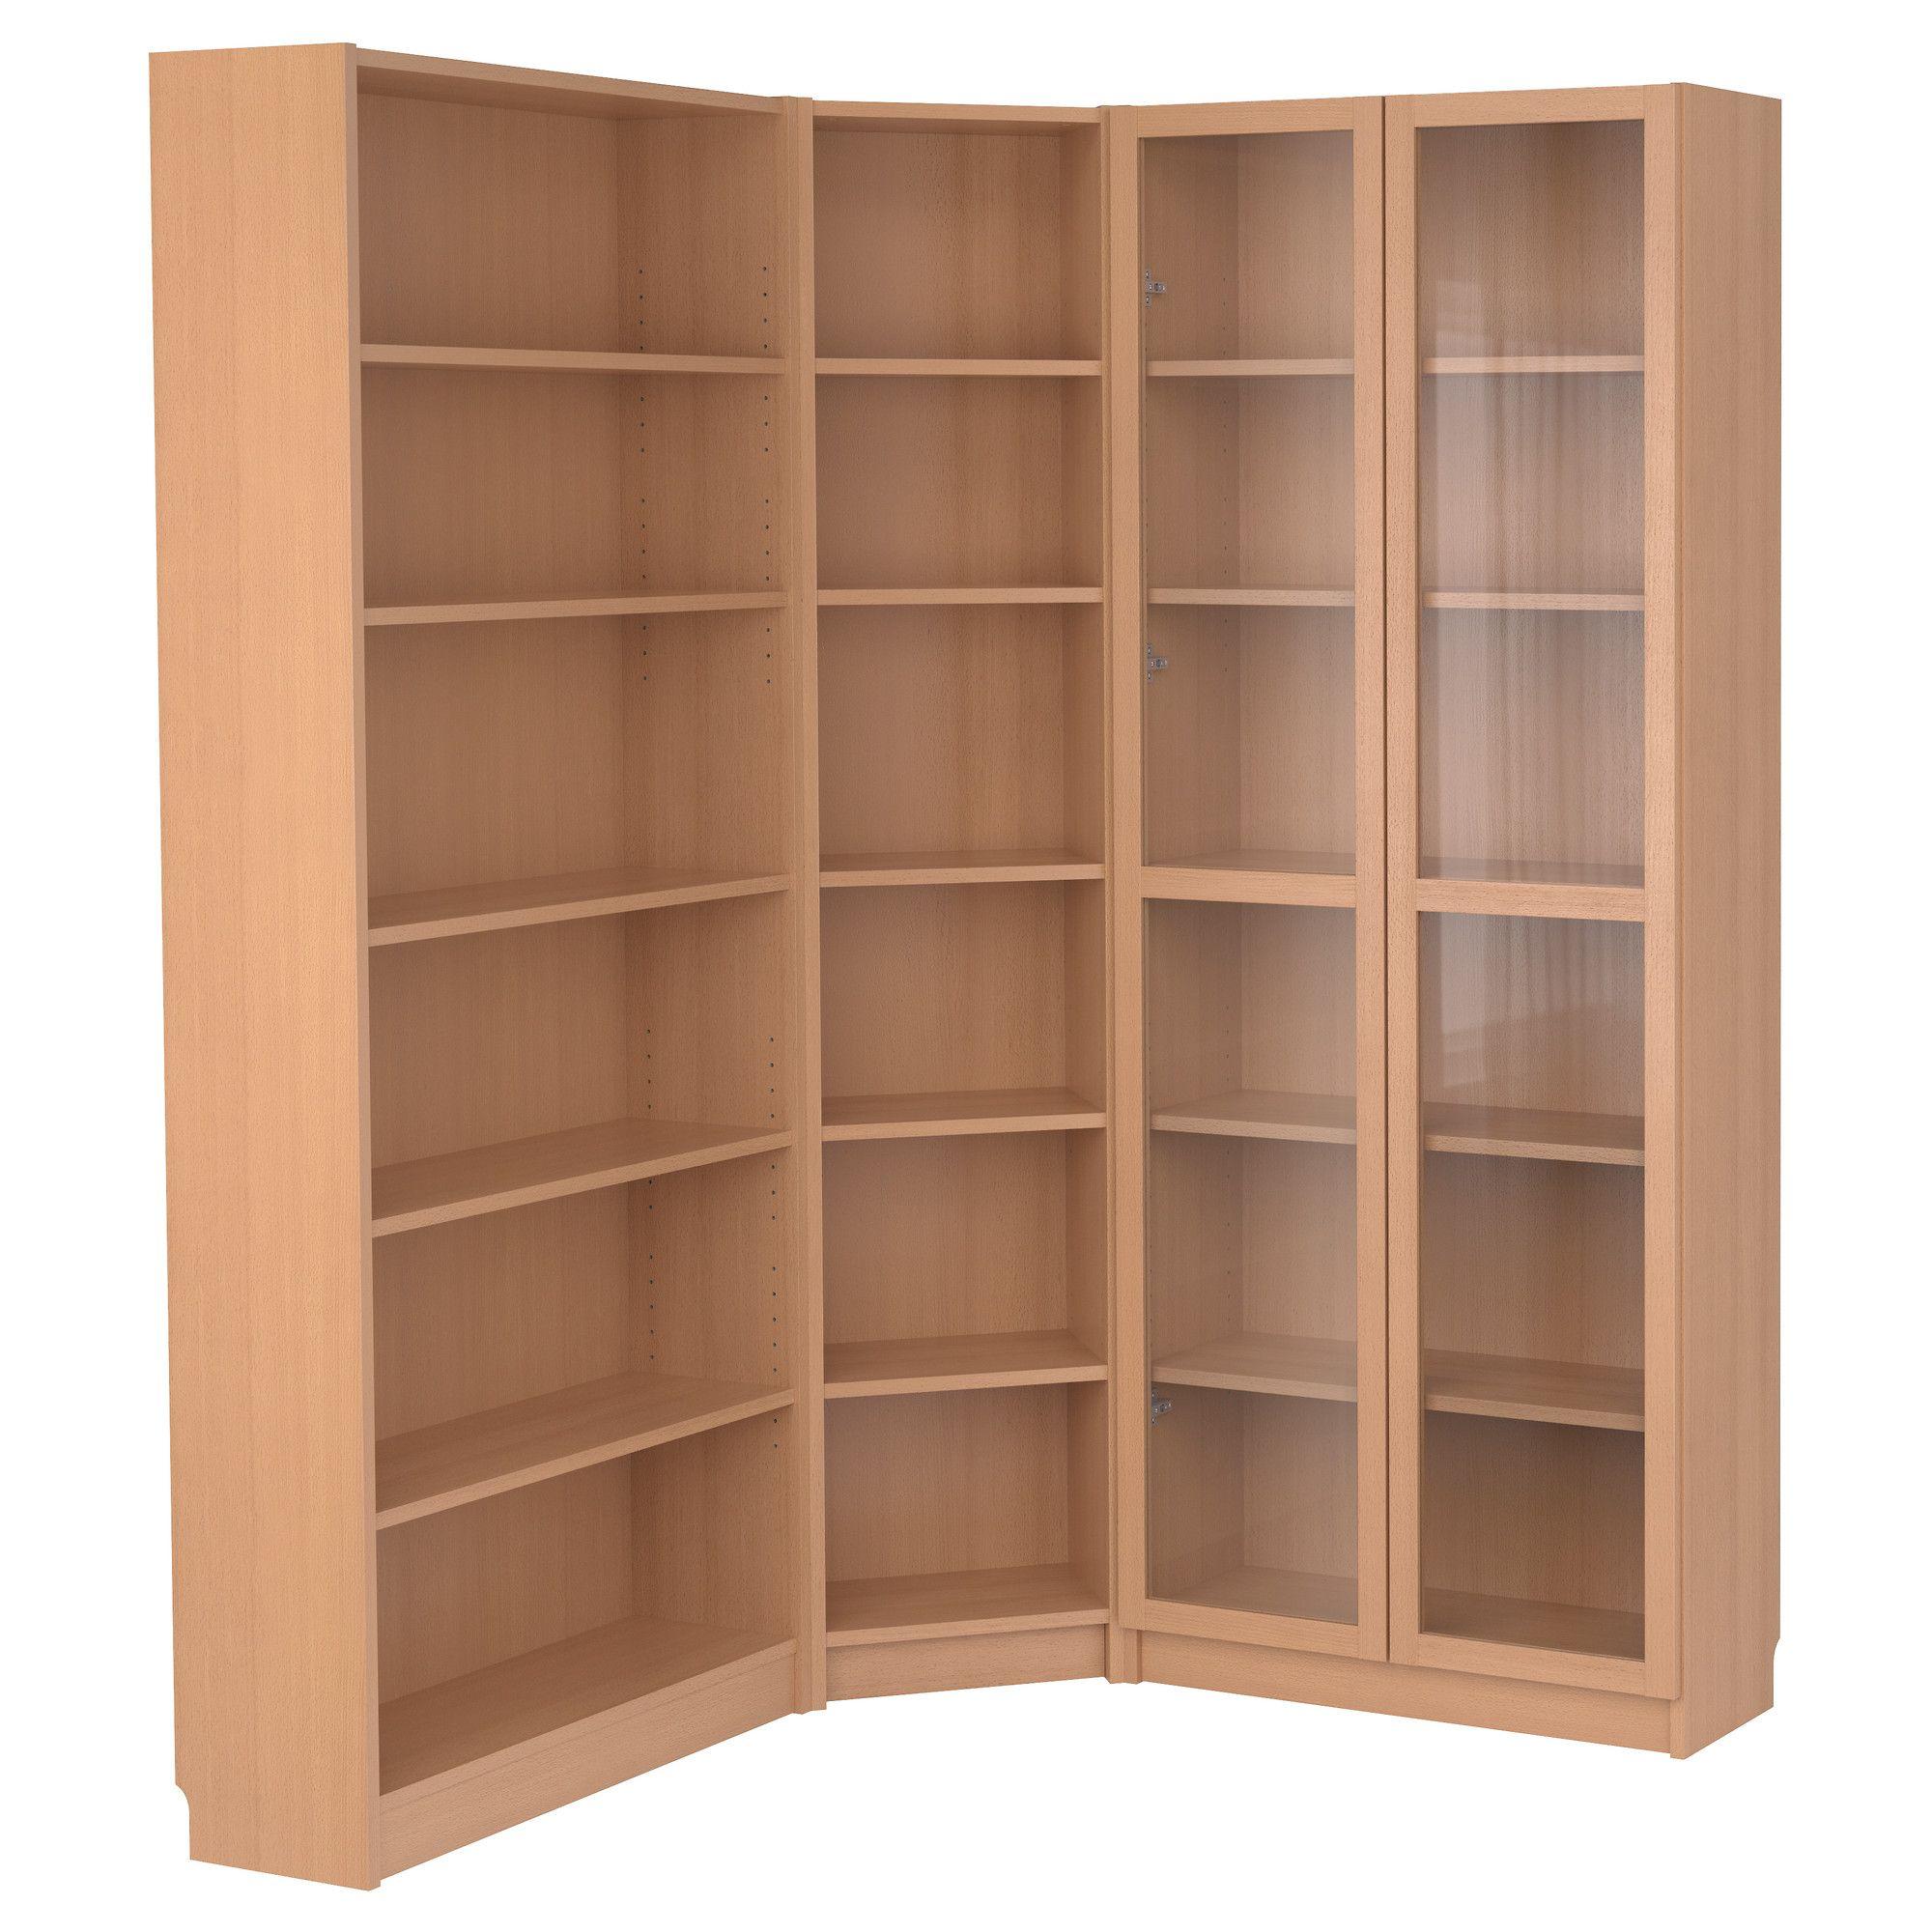 Mobili e accessori per l 39 arredamento della casa scaffali for Libreria arredamento ikea